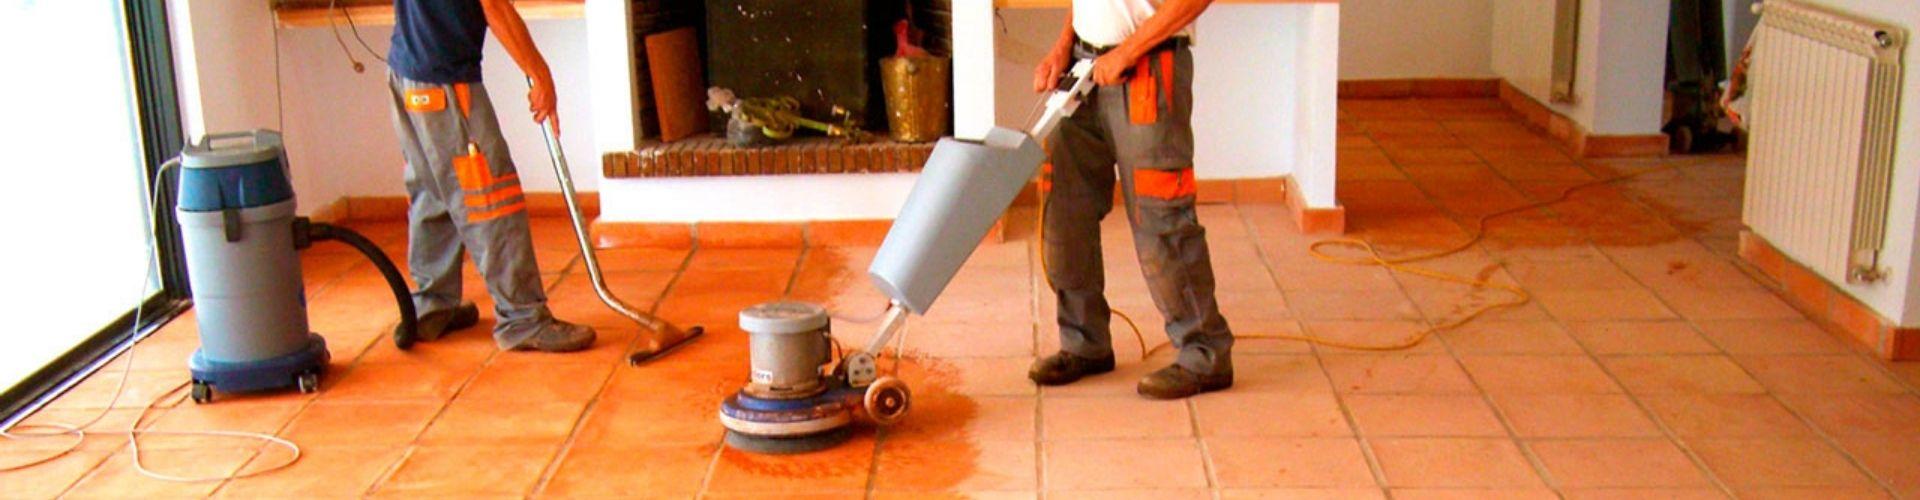 Limpieza Fin de Obra en Antequera